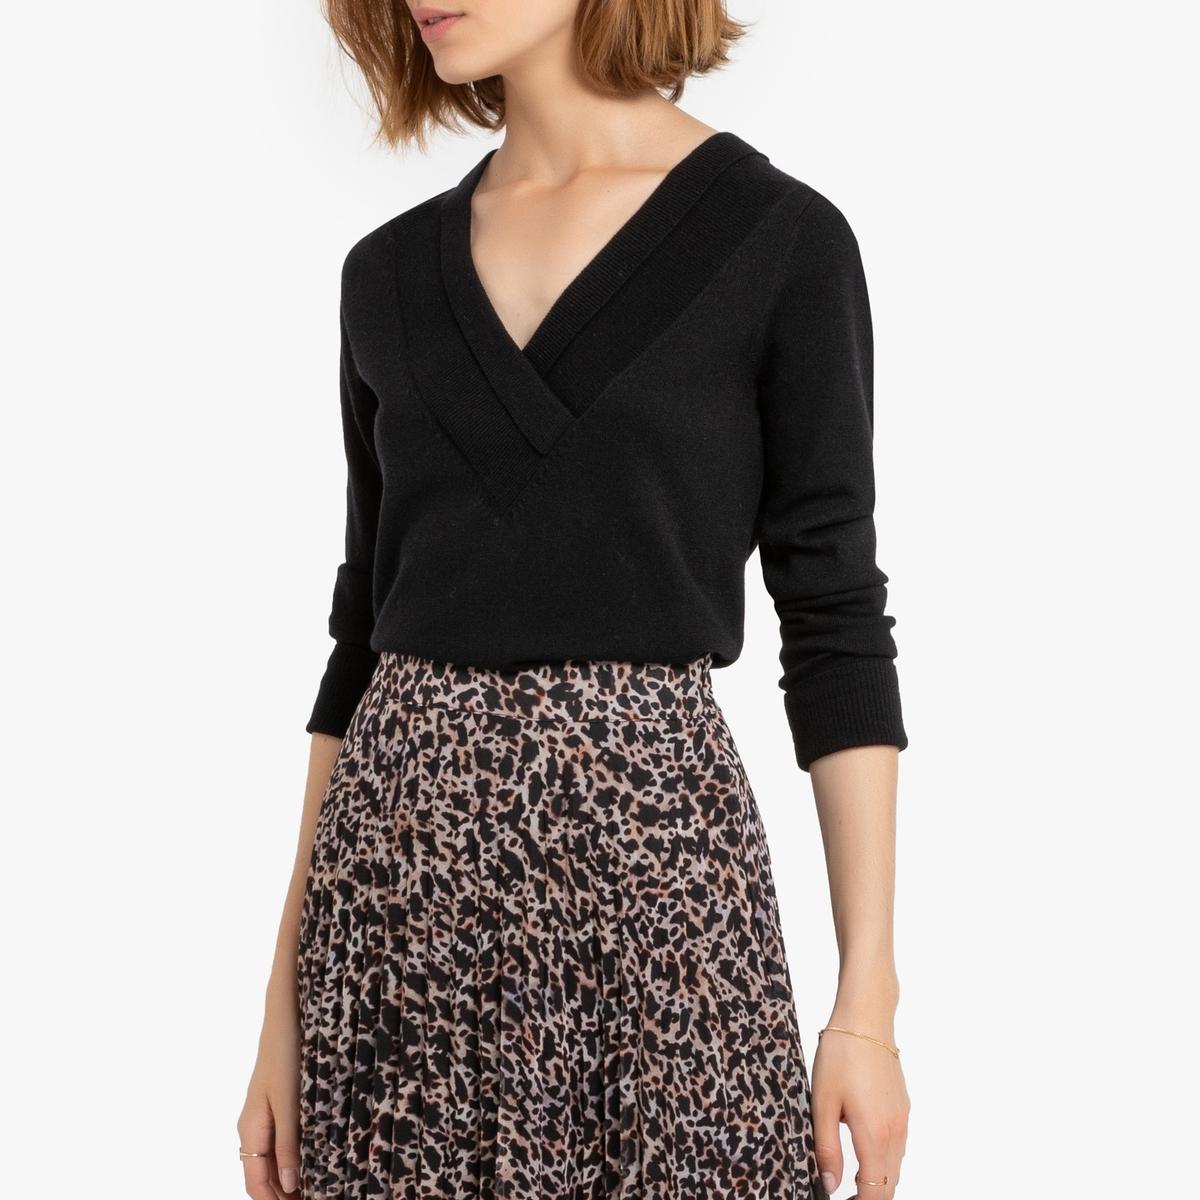 Пуловер La Redoute С V-образным вырезом из полушерстяной ткани Matite S черный пуловер la redoute с круглым вырезом из шерсти мериноса pascal 3xl черный